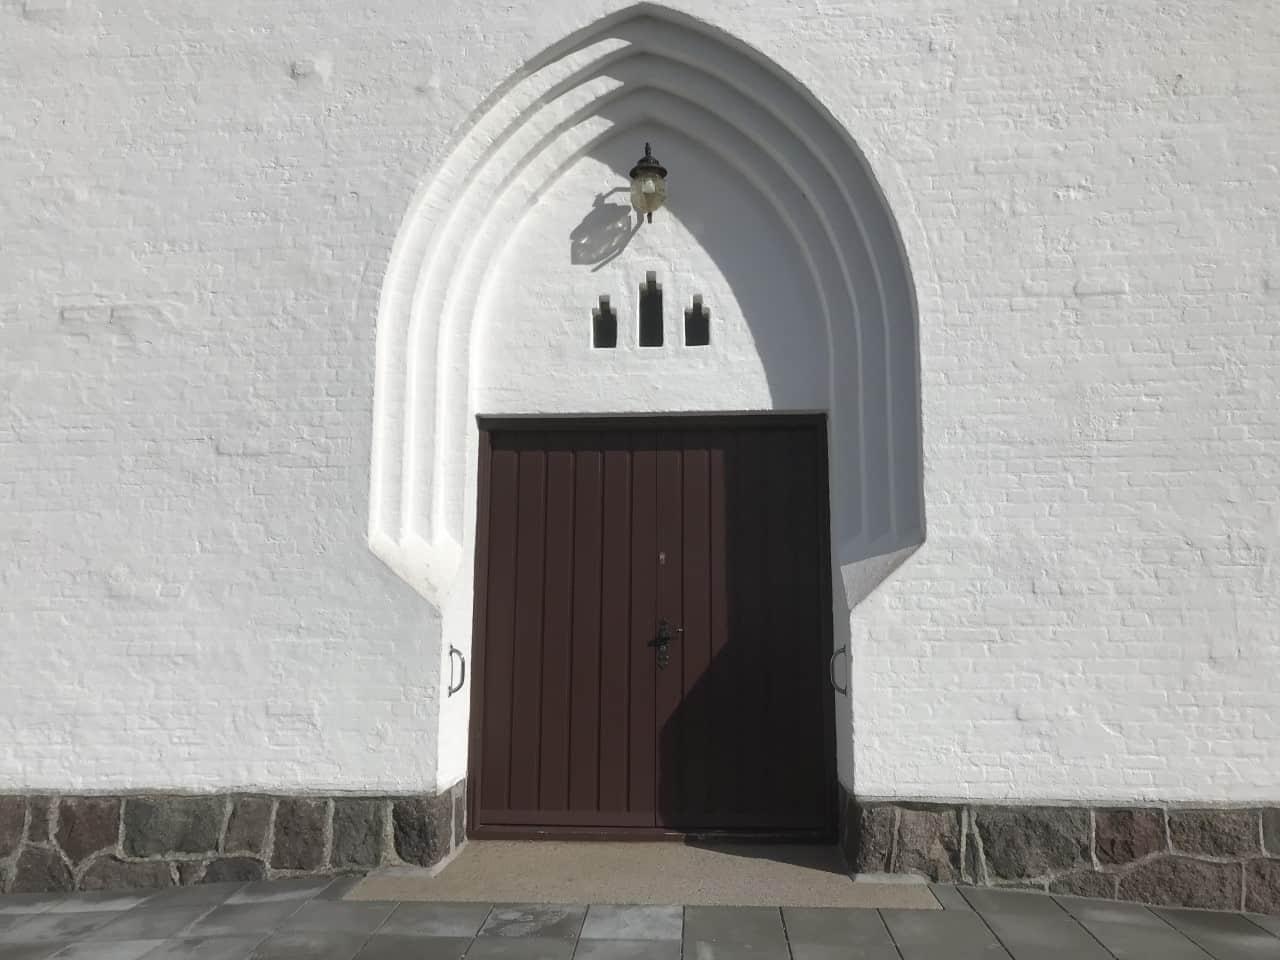 Bagenkop Kirke facade